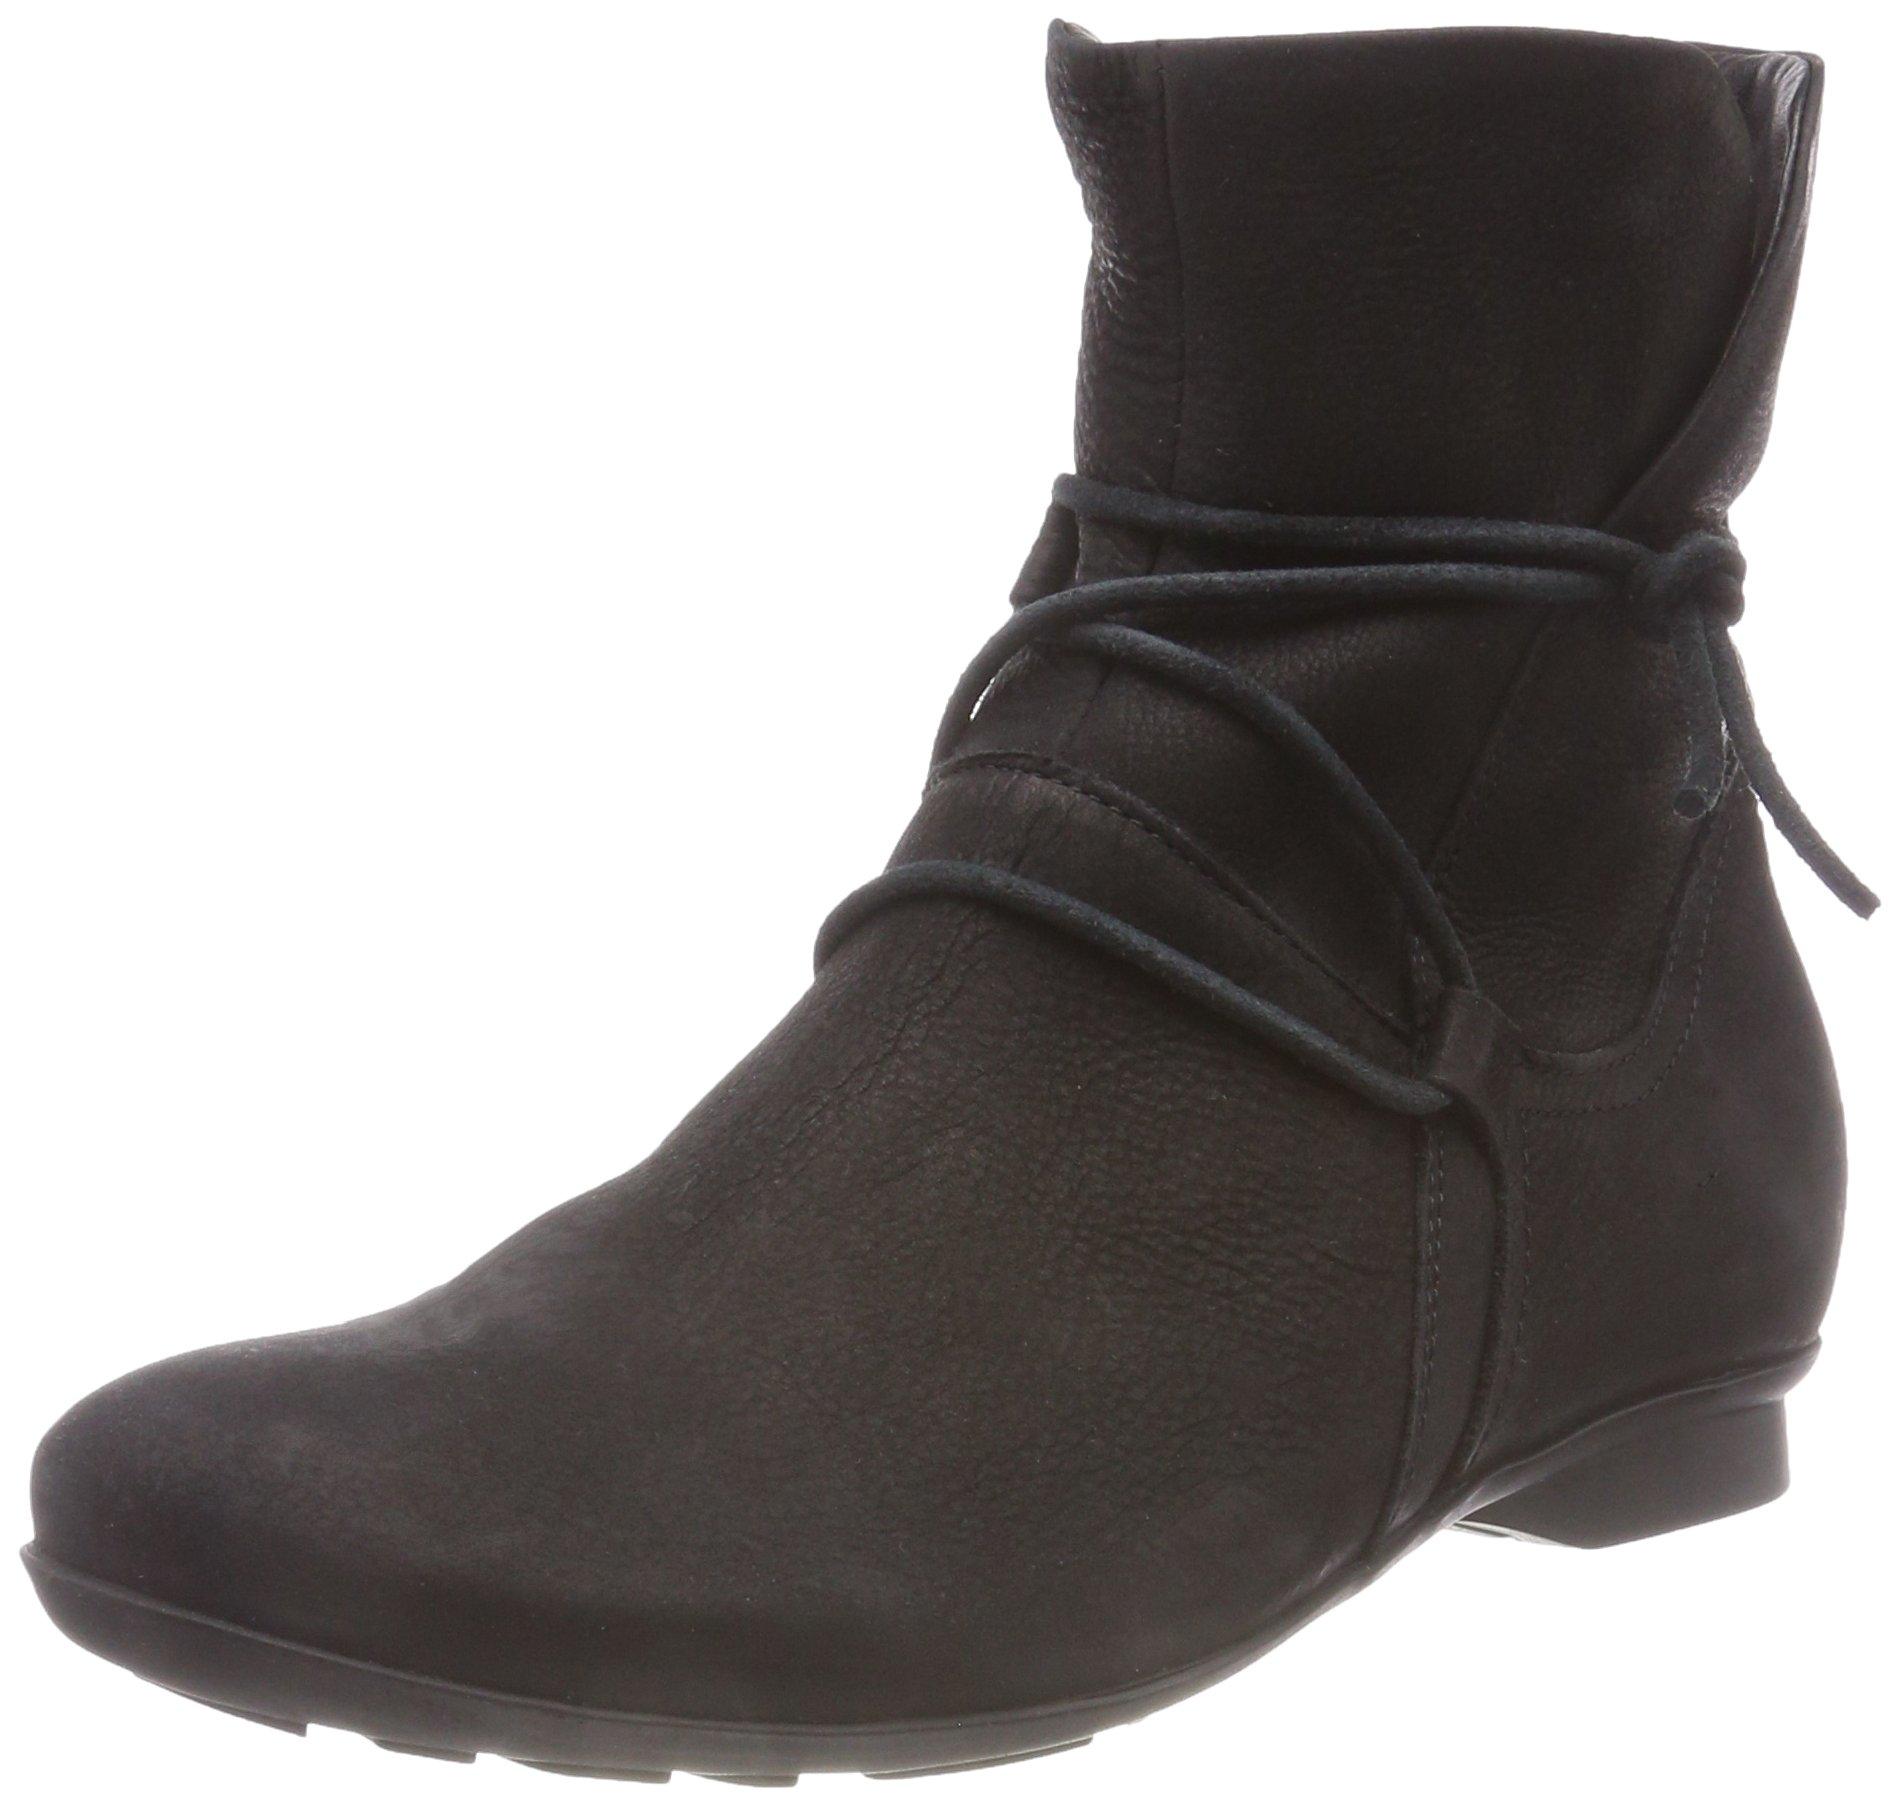 Boots 383127Desert Eu ThinkKeshuel Noir39 Femme00 sCtBhQrdx